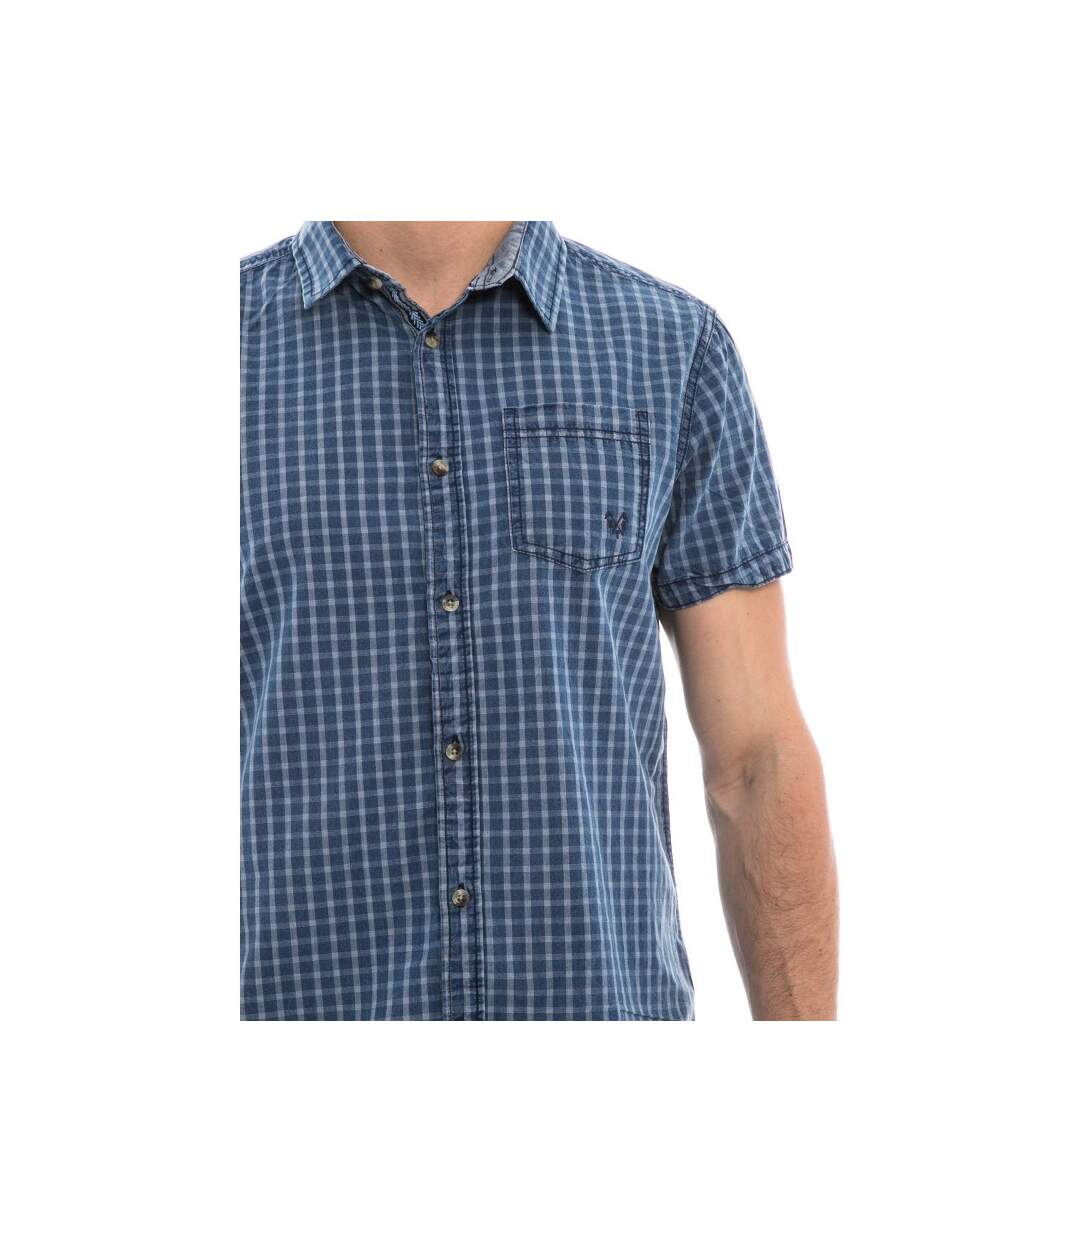 Chemise carreaux pur coton DODILY - RITCHIE